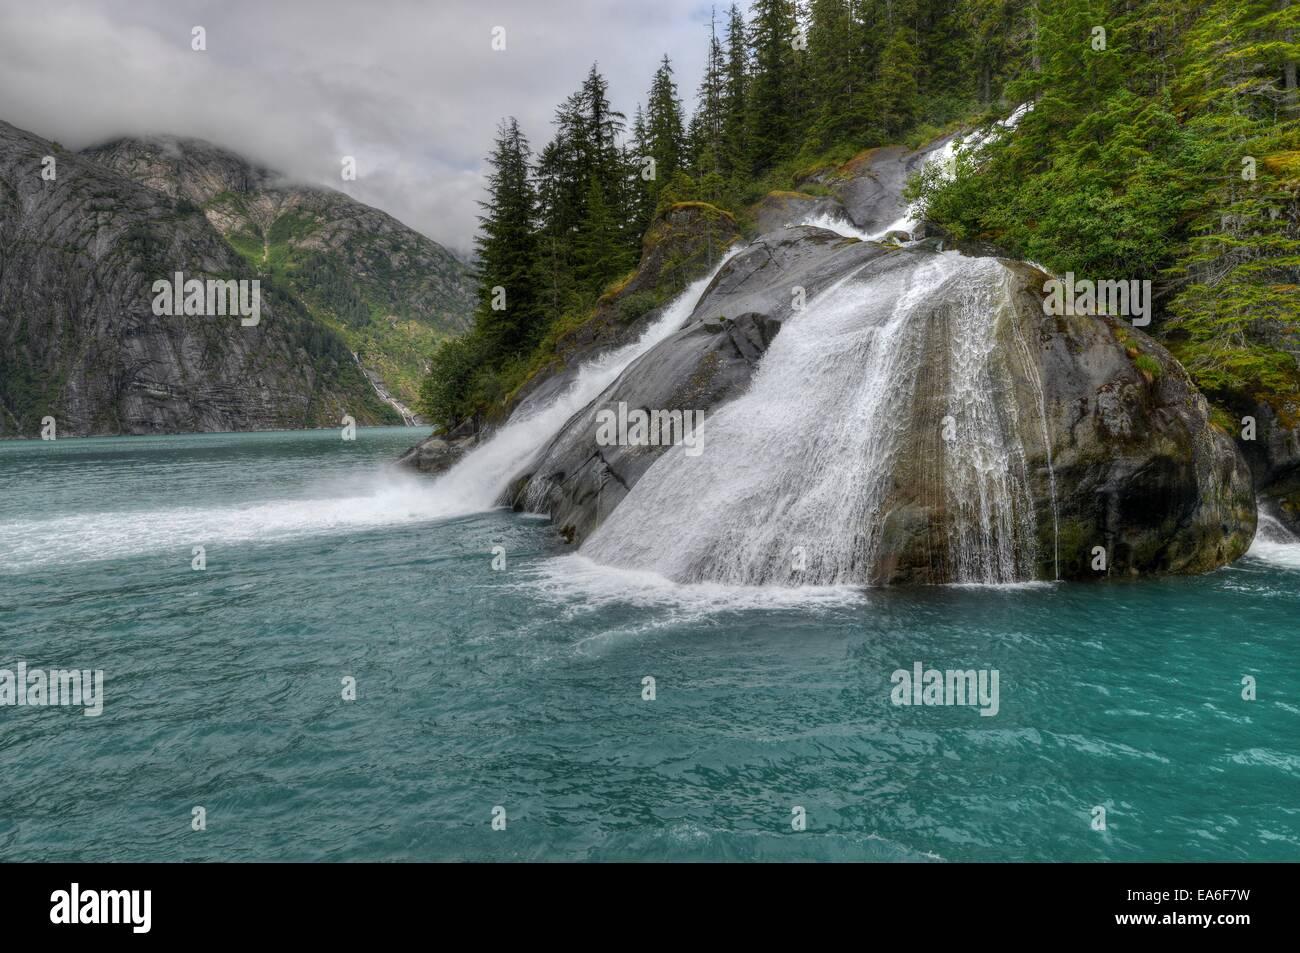 USA, Alaska, Juneau, la Forêt Nationale Tongass, chutes de glace dans le fjord Tracy Arm Photo Stock